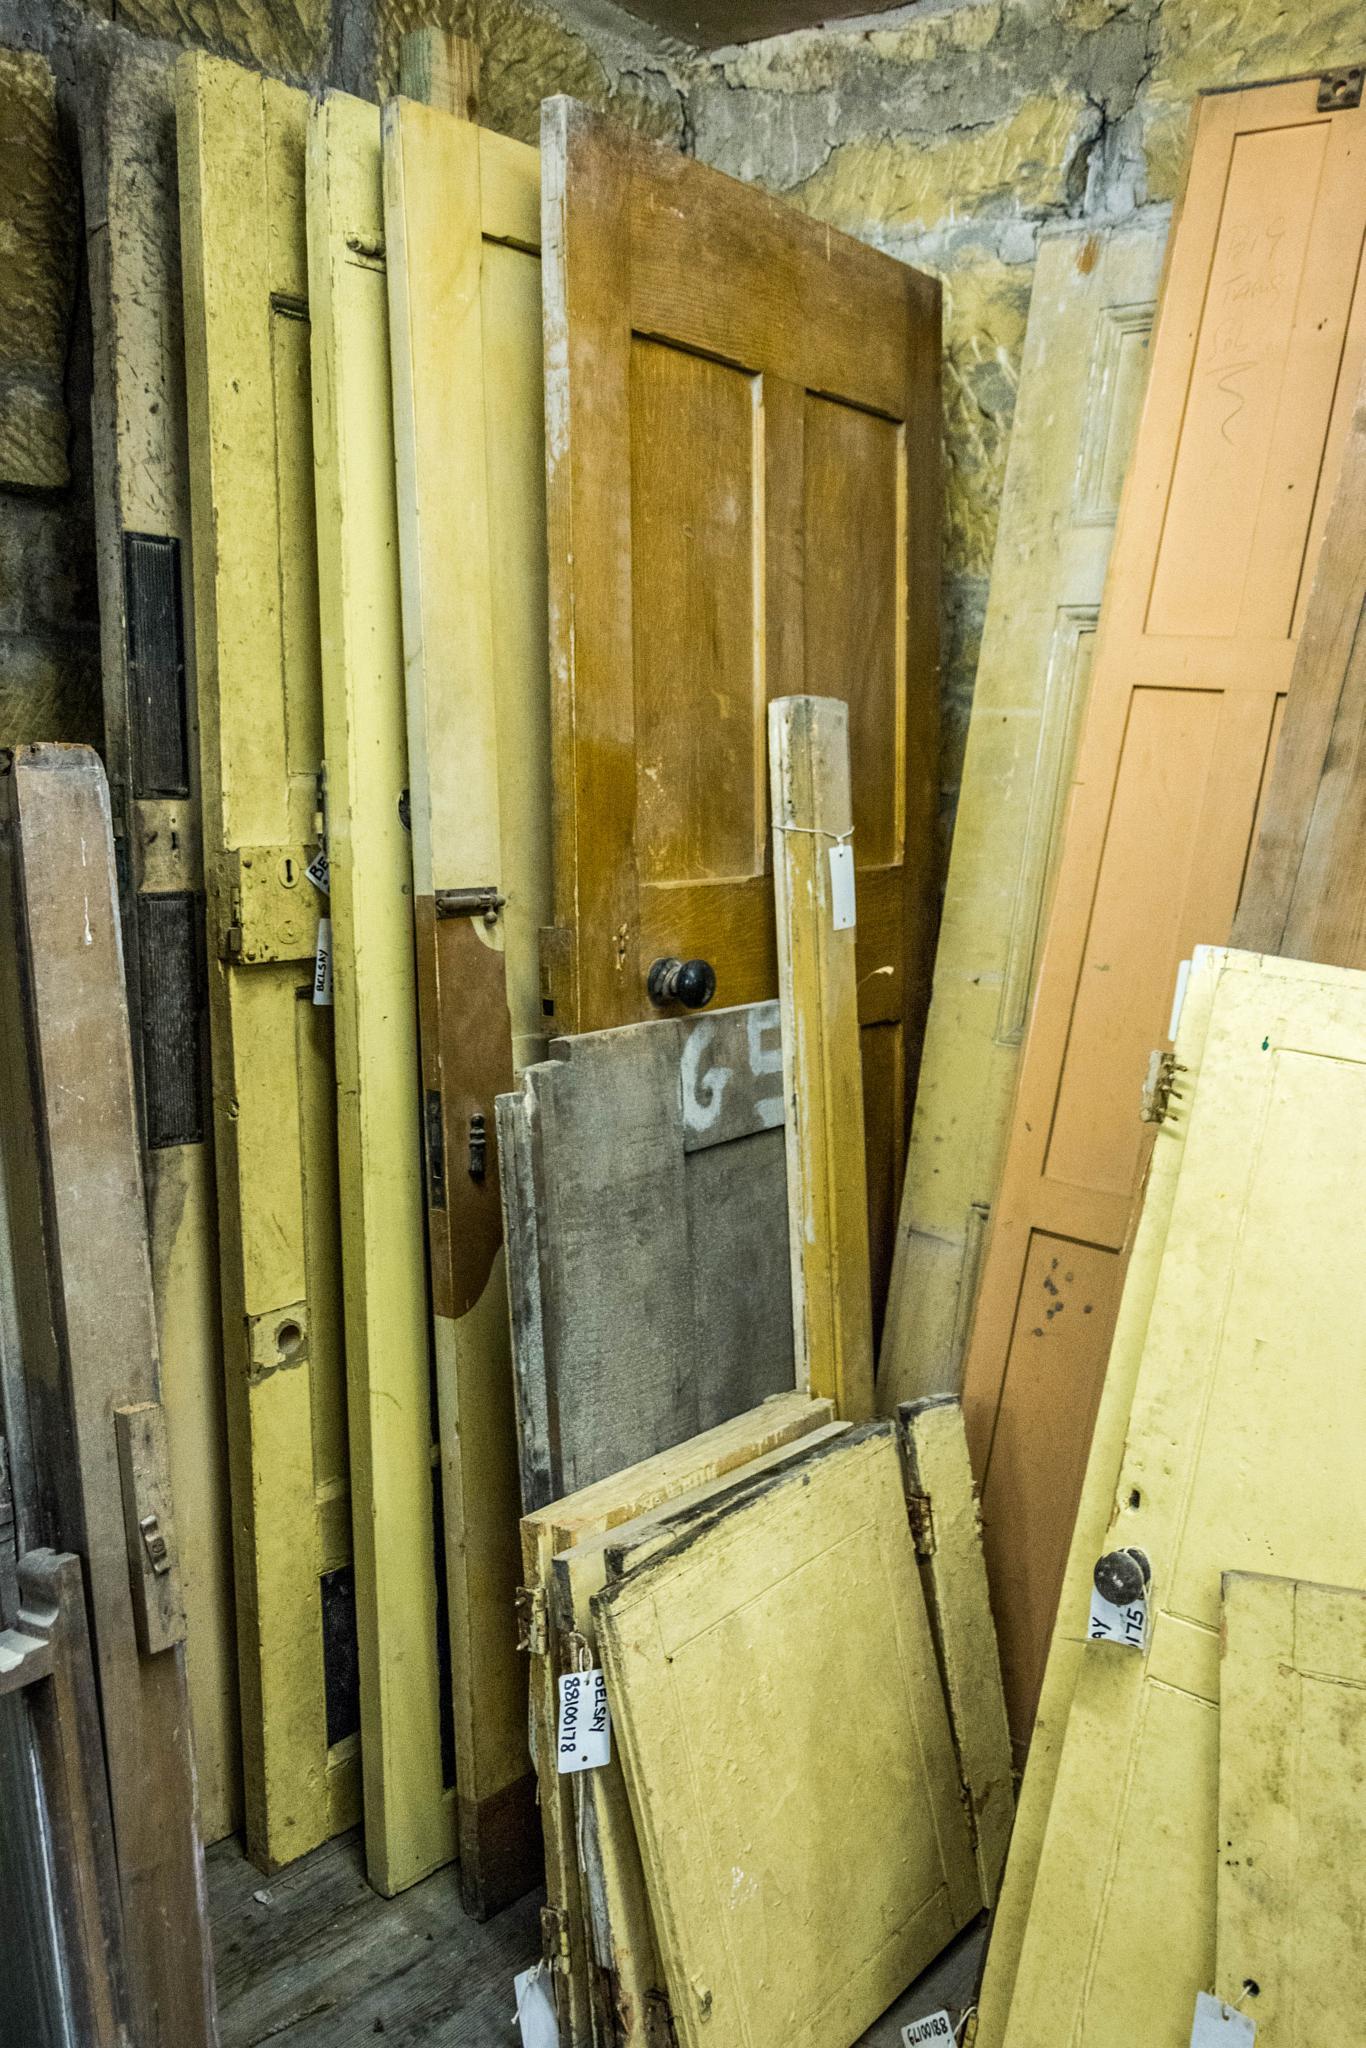 The Doors by Robert Nixon